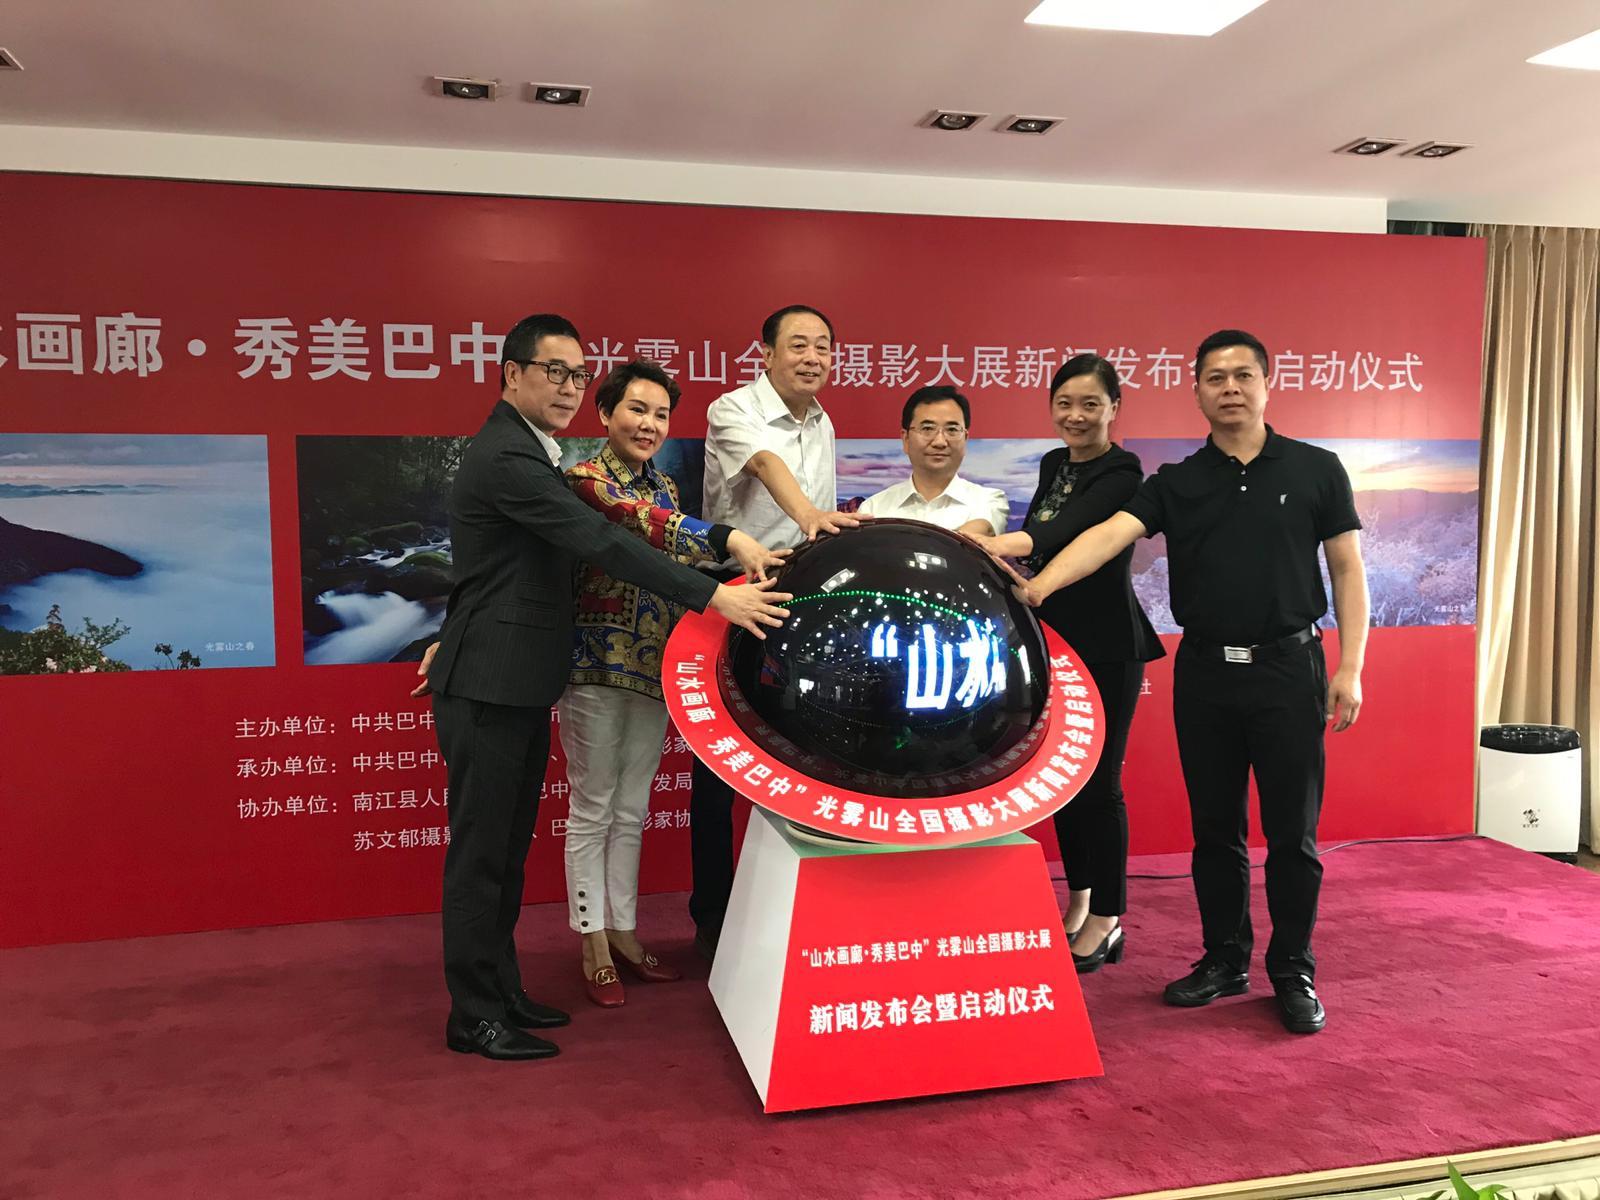 「山水画廊·秀美巴中」光雾山全国摄影大展今日在北京中国摄影家协会啓动。 张言天摄